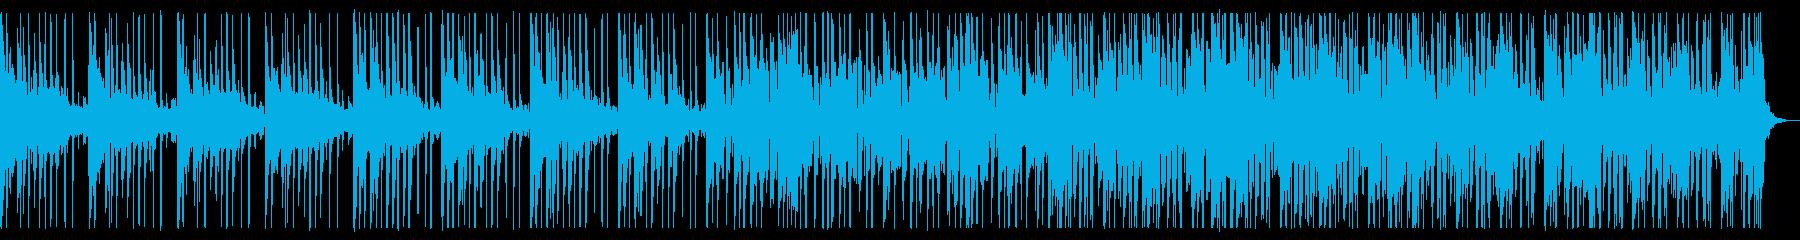 シティポップトラック_No623_3の再生済みの波形